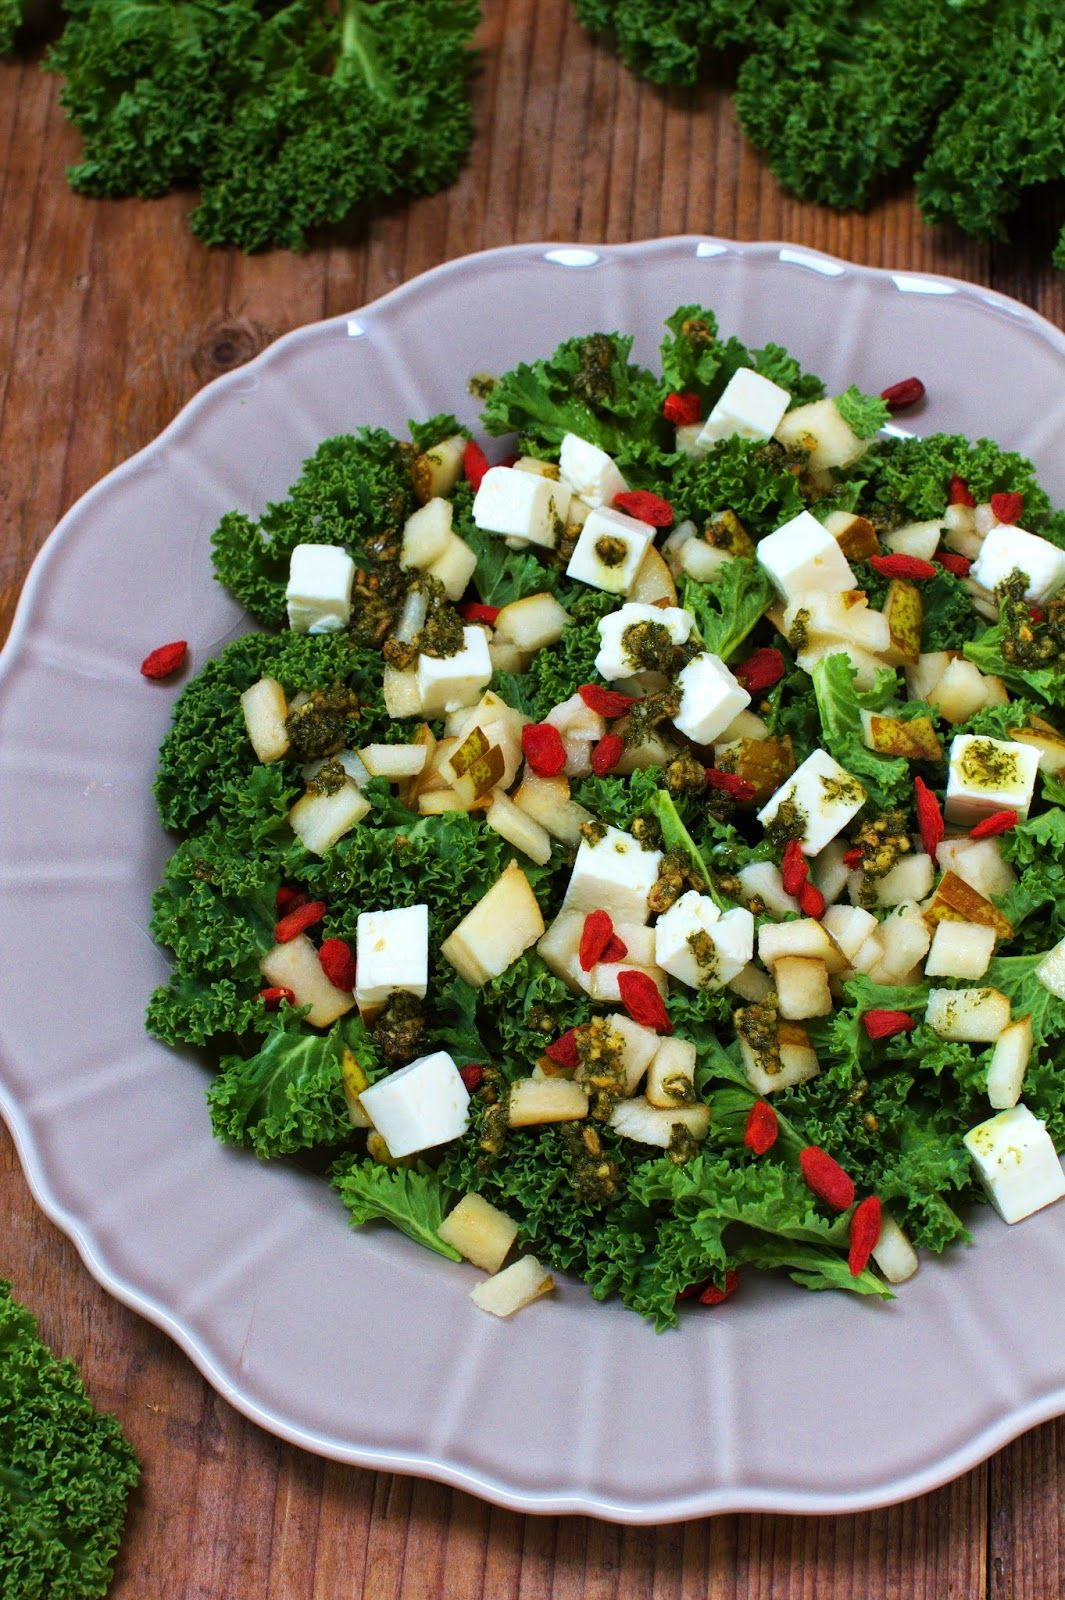 Salatka Z Jarmuzu Z Feta I Gruszka Jarmuz Feta Salad Food